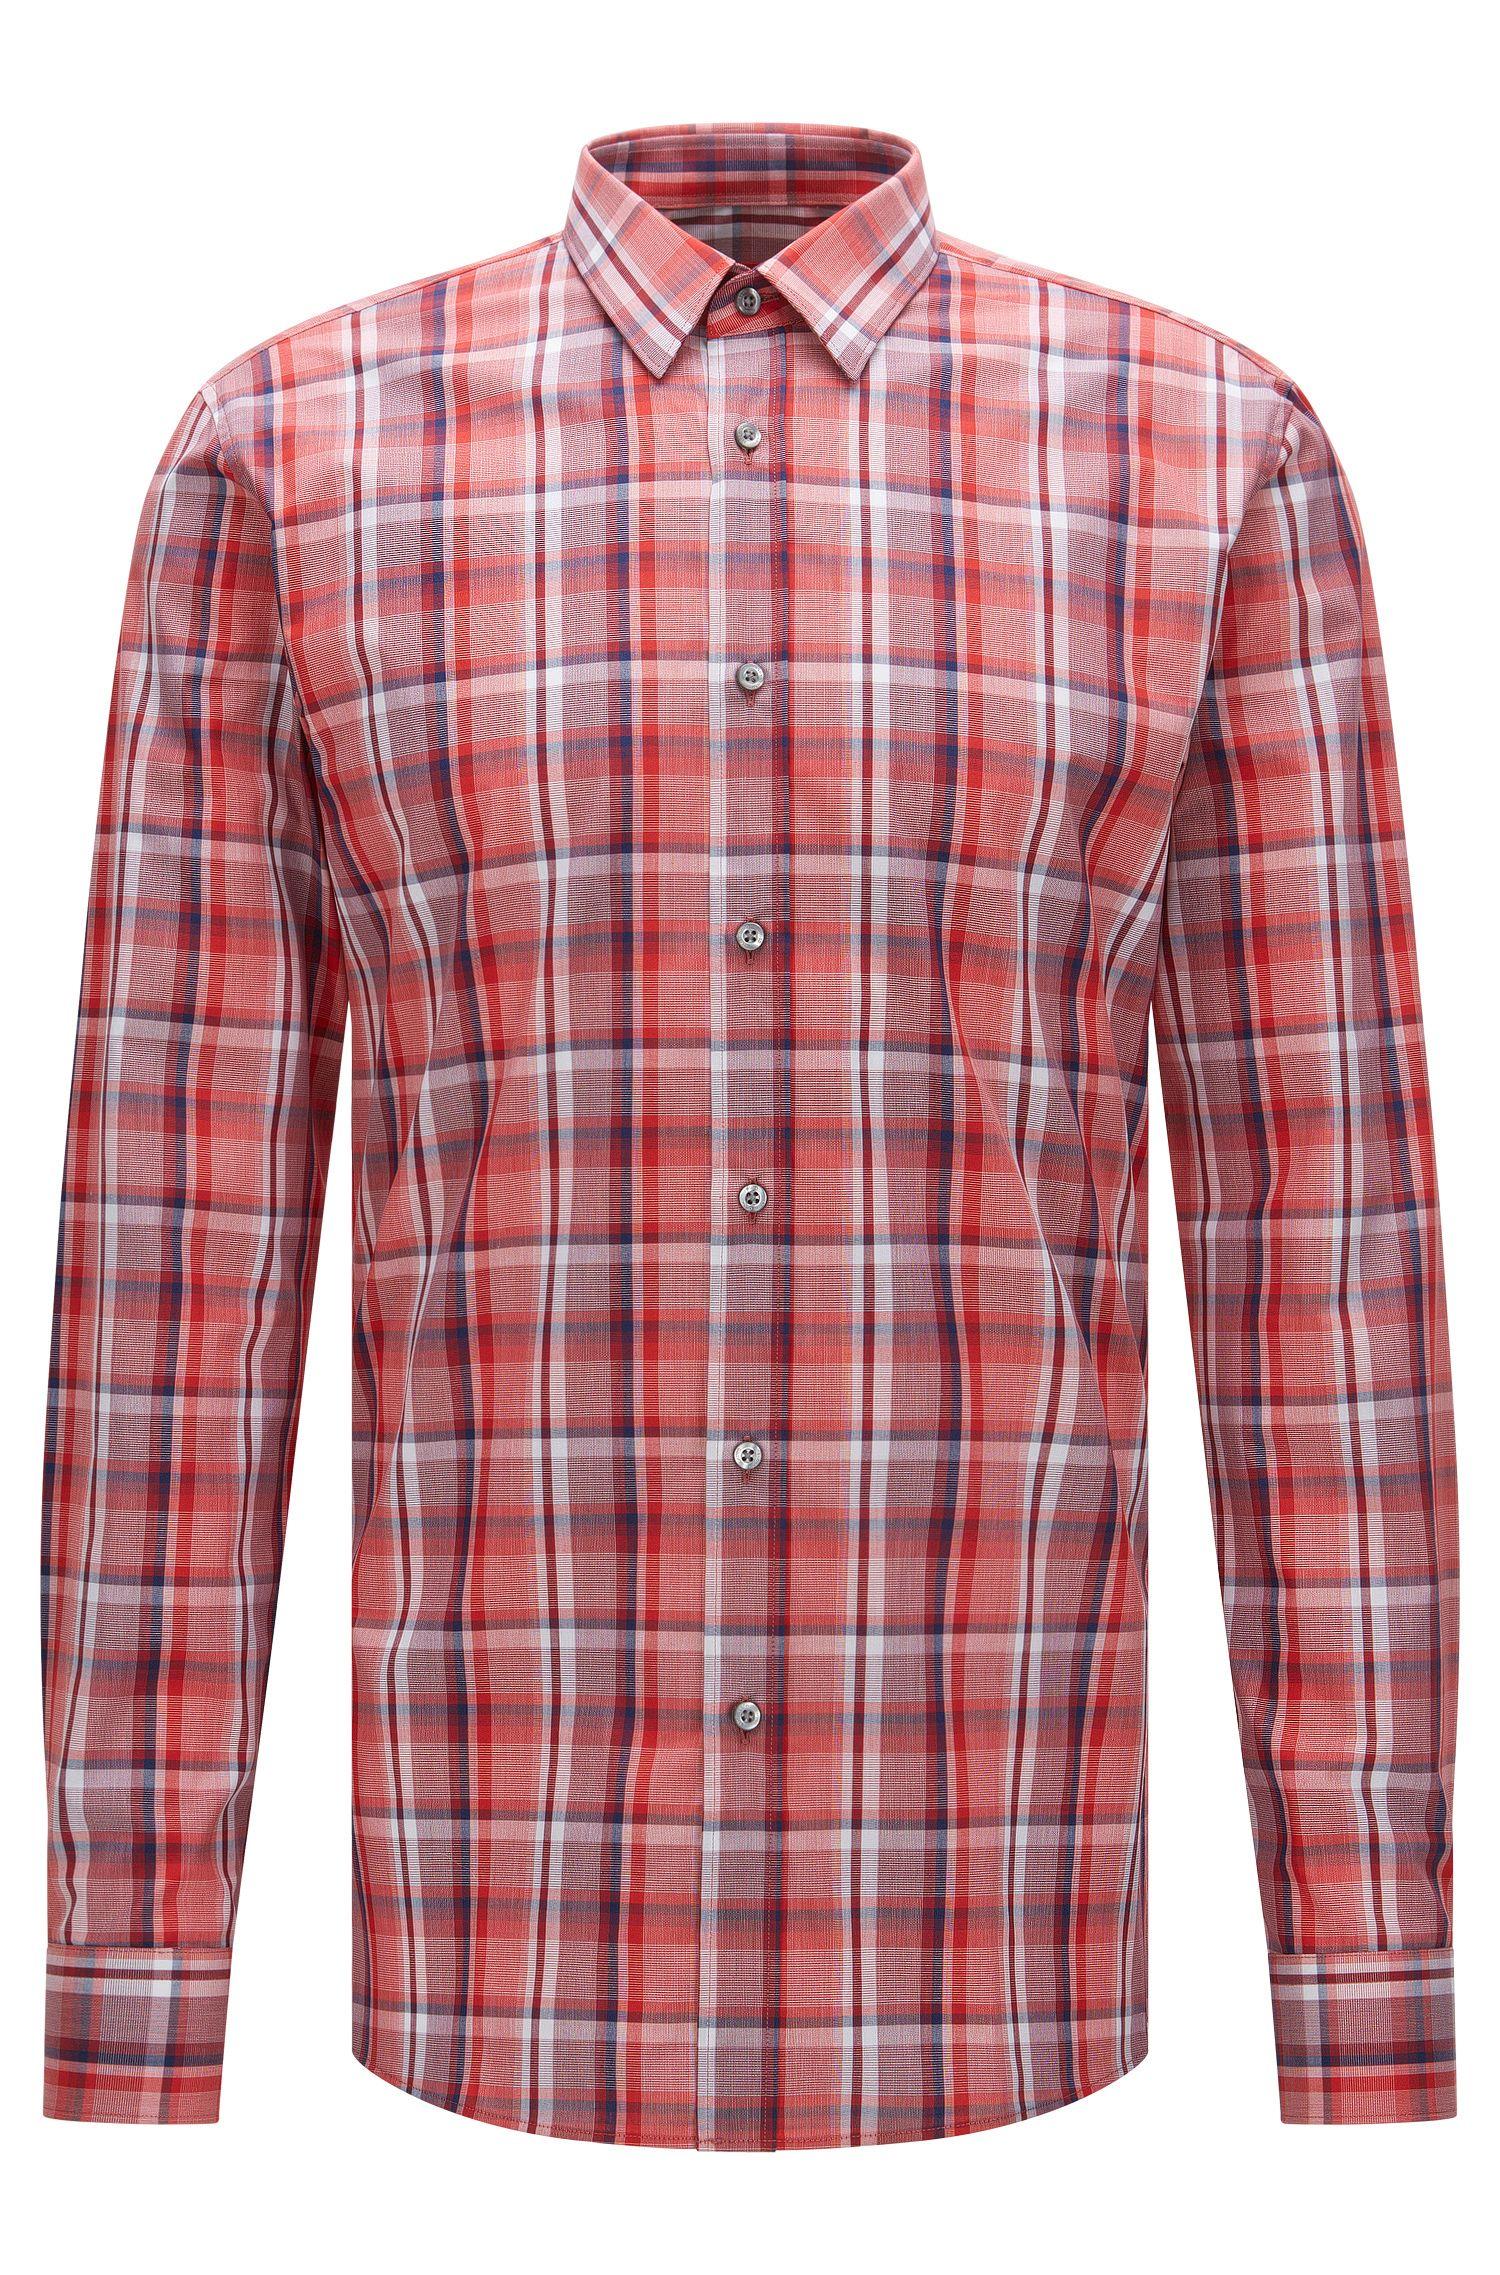 Plaid Cotton Dress Shirt, Extra-Slim Fit | Elisha